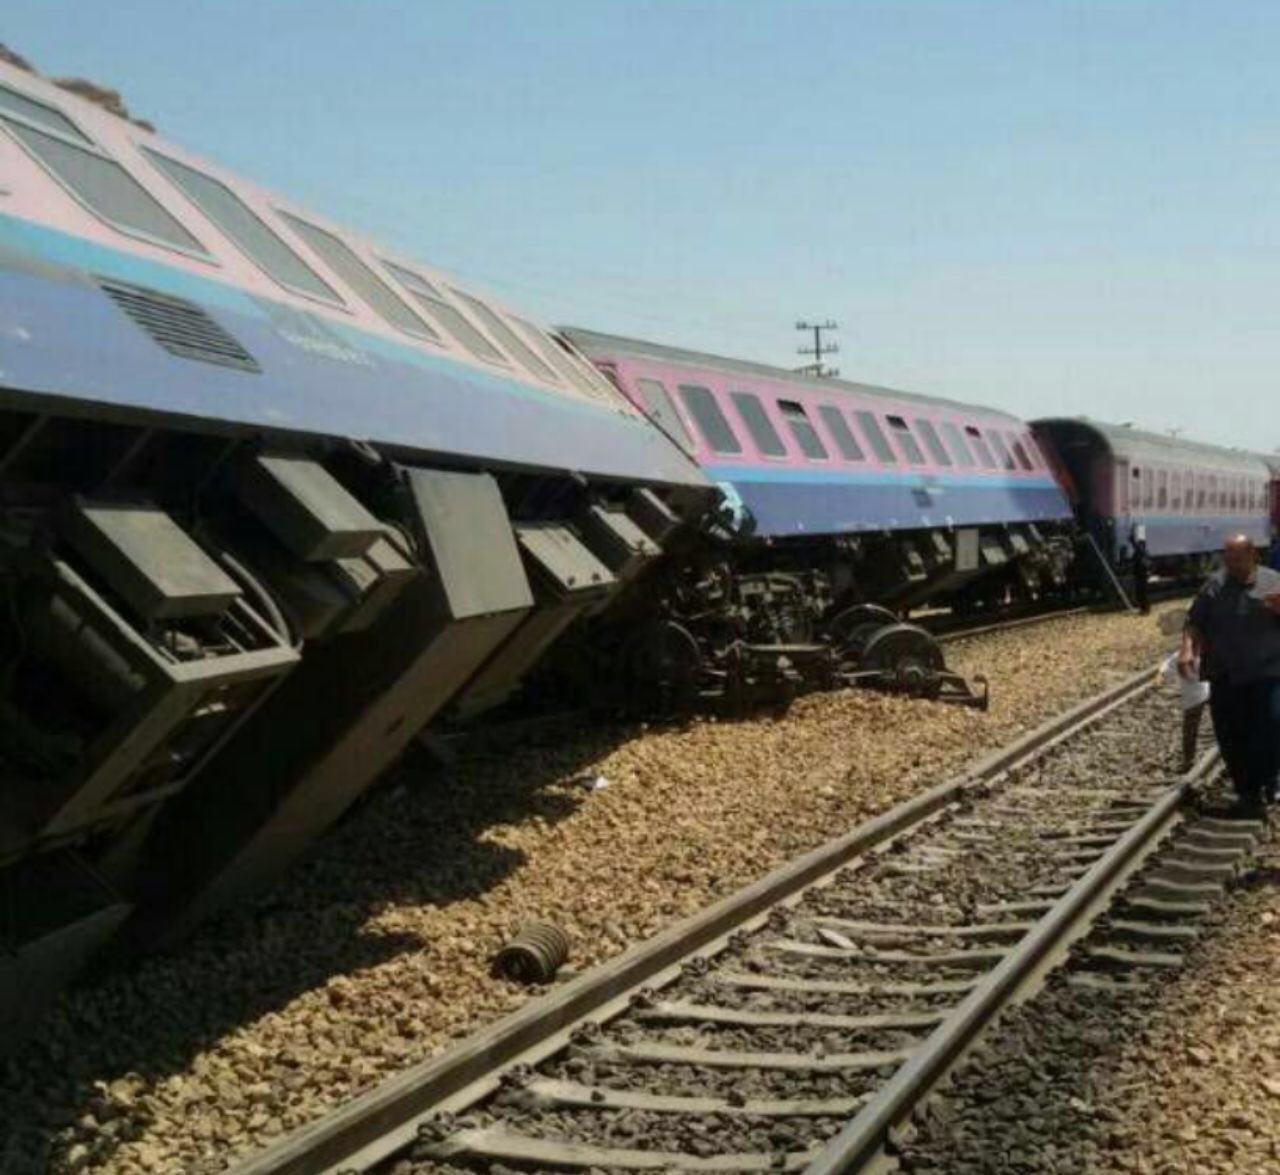 زمان حرکت قطار ایستگاه کارون اهواز واژگونی قطار مسافری اهواز – مشهد!